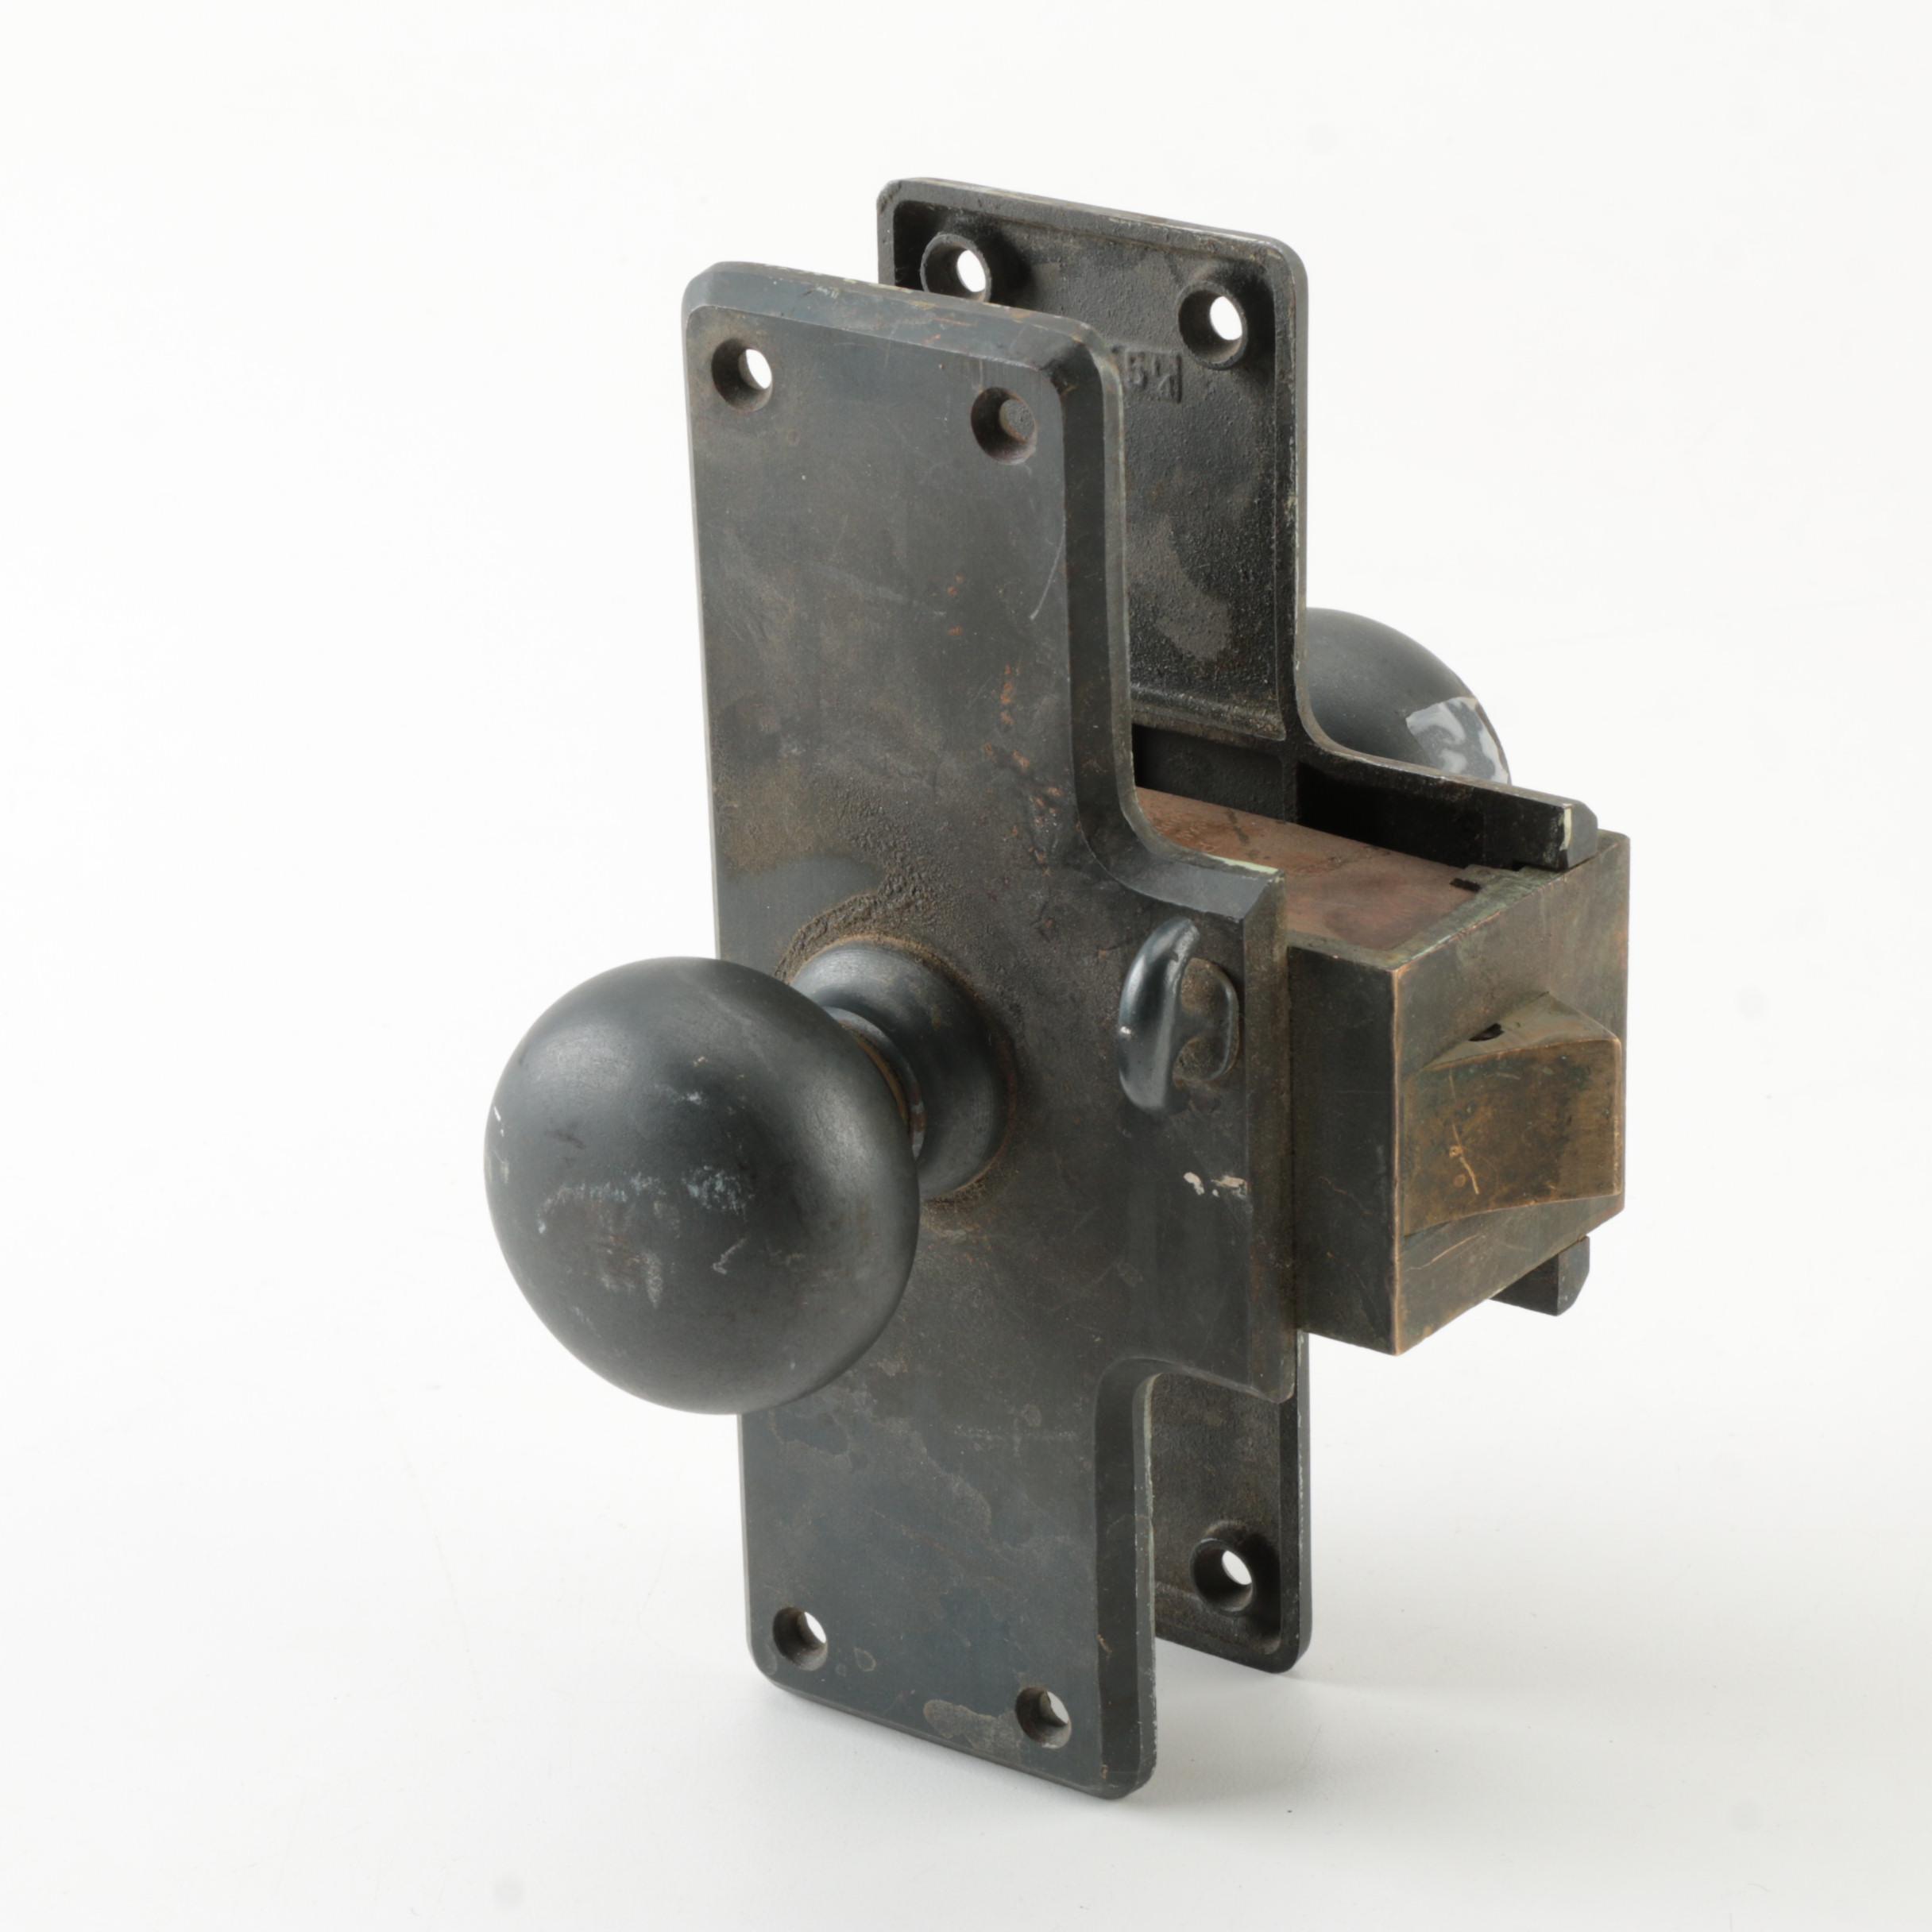 Fully Assembled Metal Door Knob